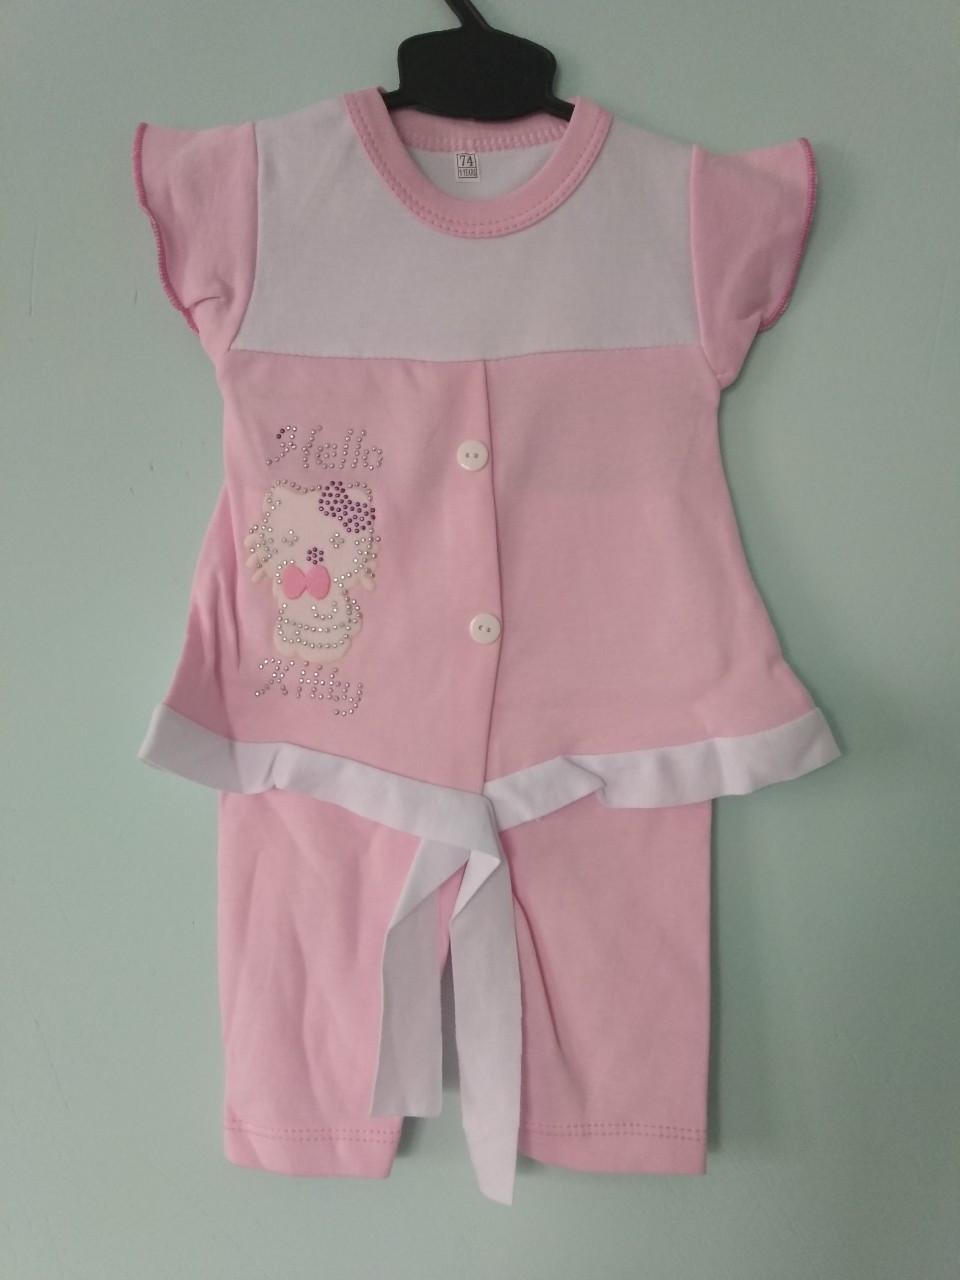 Туника с бриджами хлопок для девочки 9-12 месяцев.